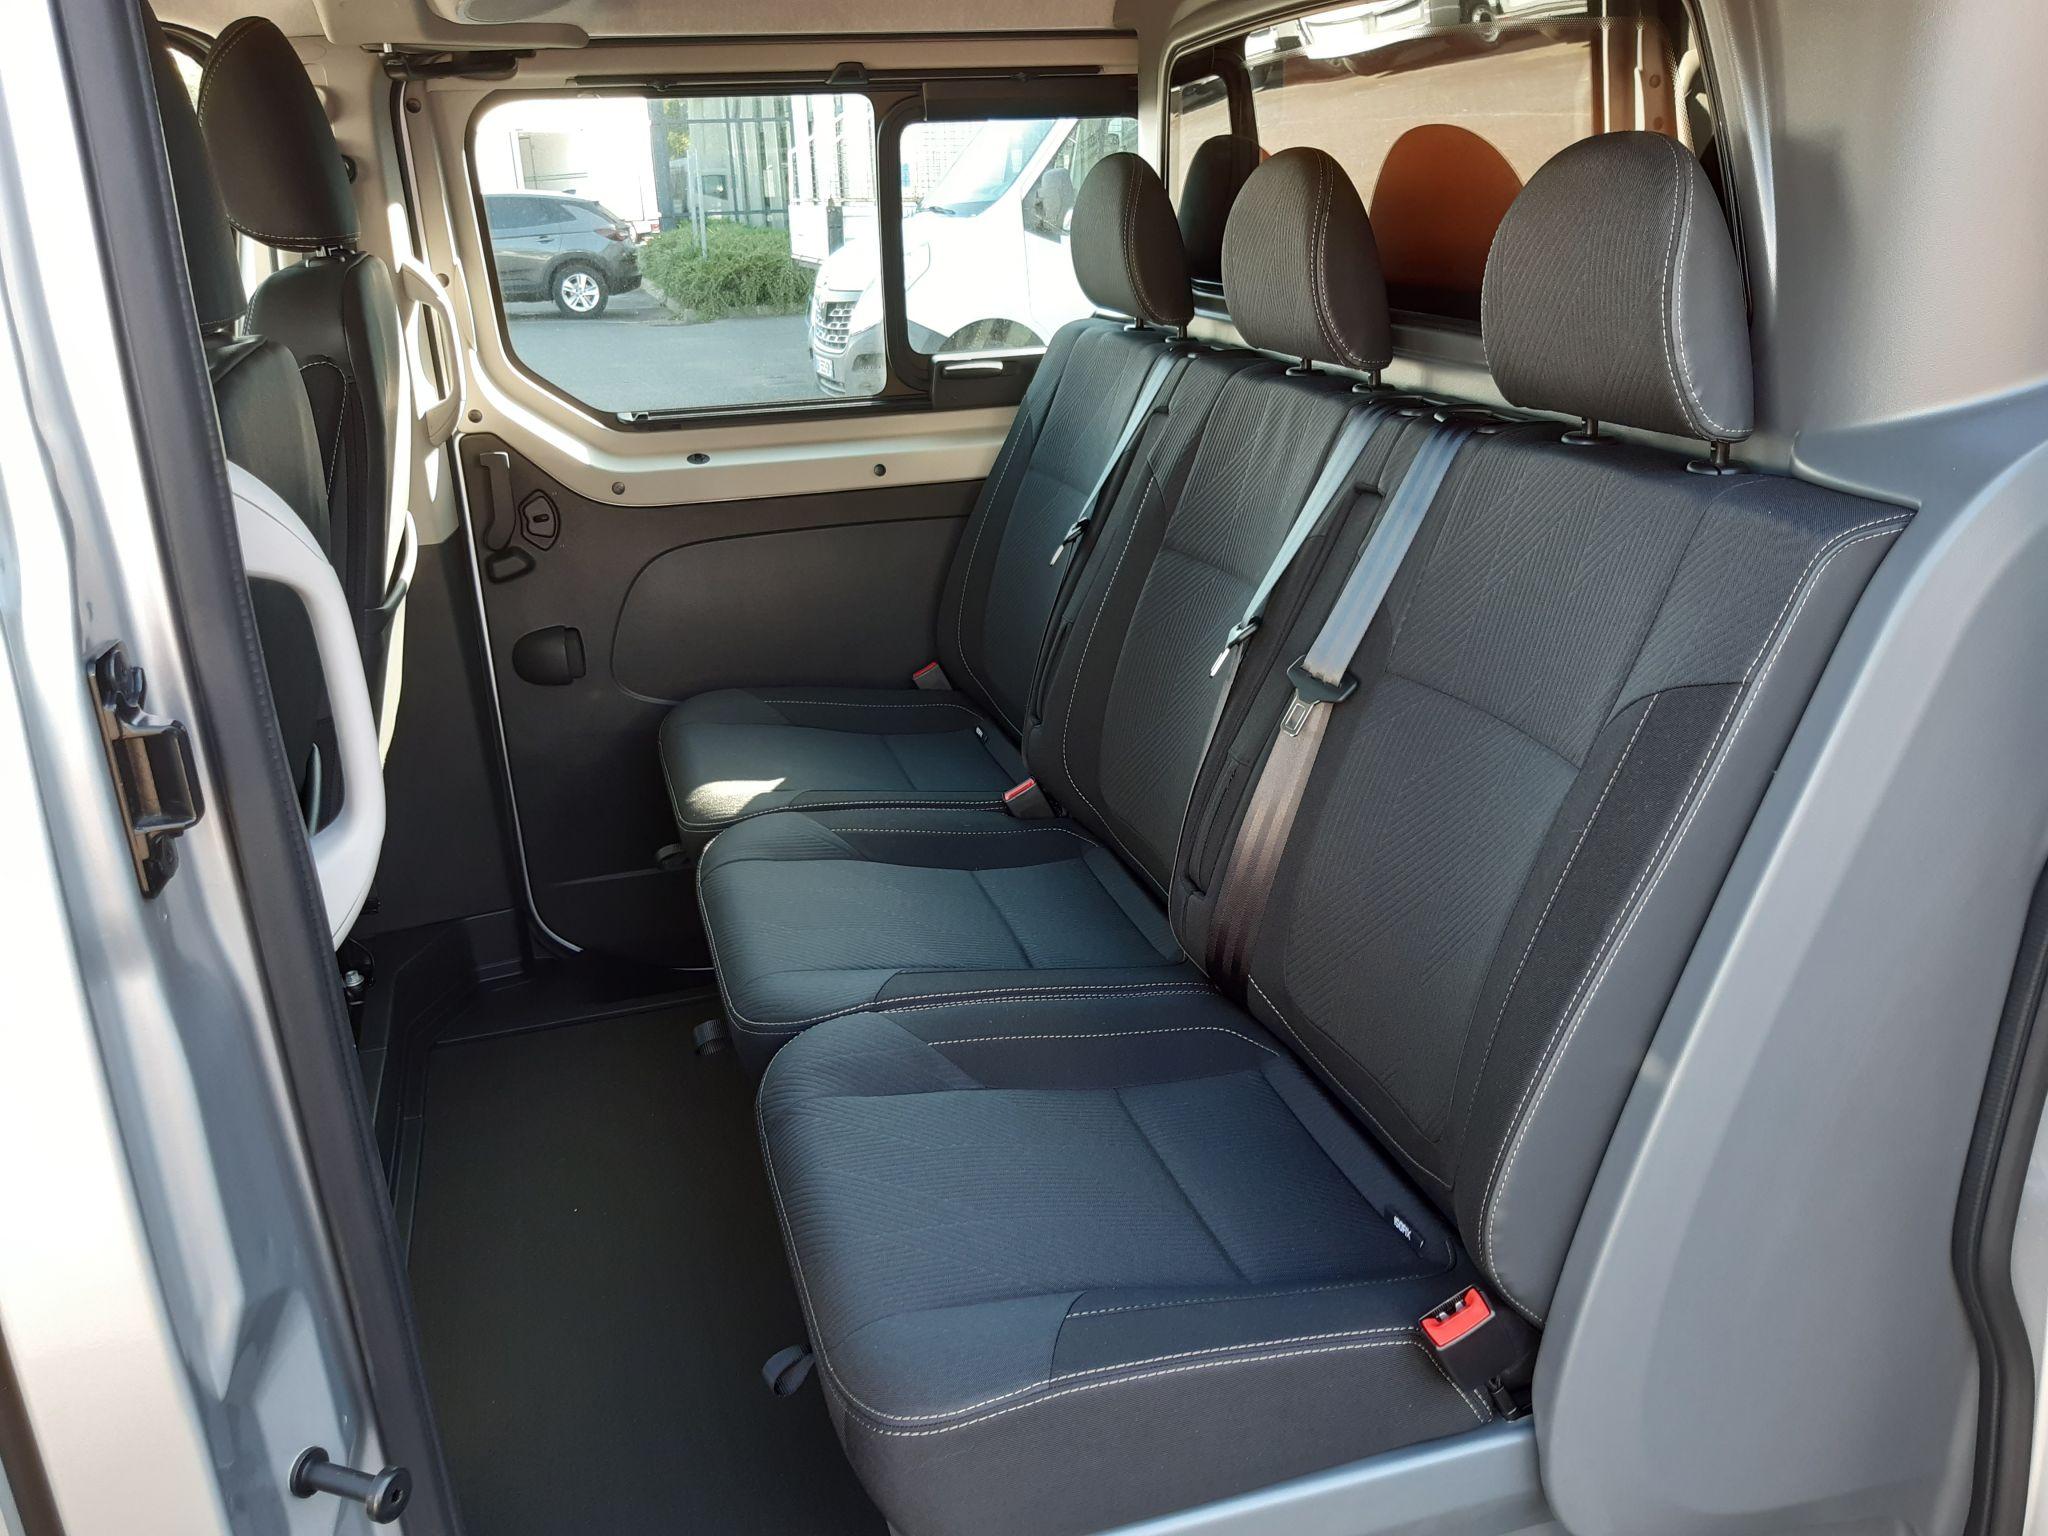 Location longue durée d'un fourgon compact double cabine - Renault Trafic L2H1 Cabine approfondie - Vue4